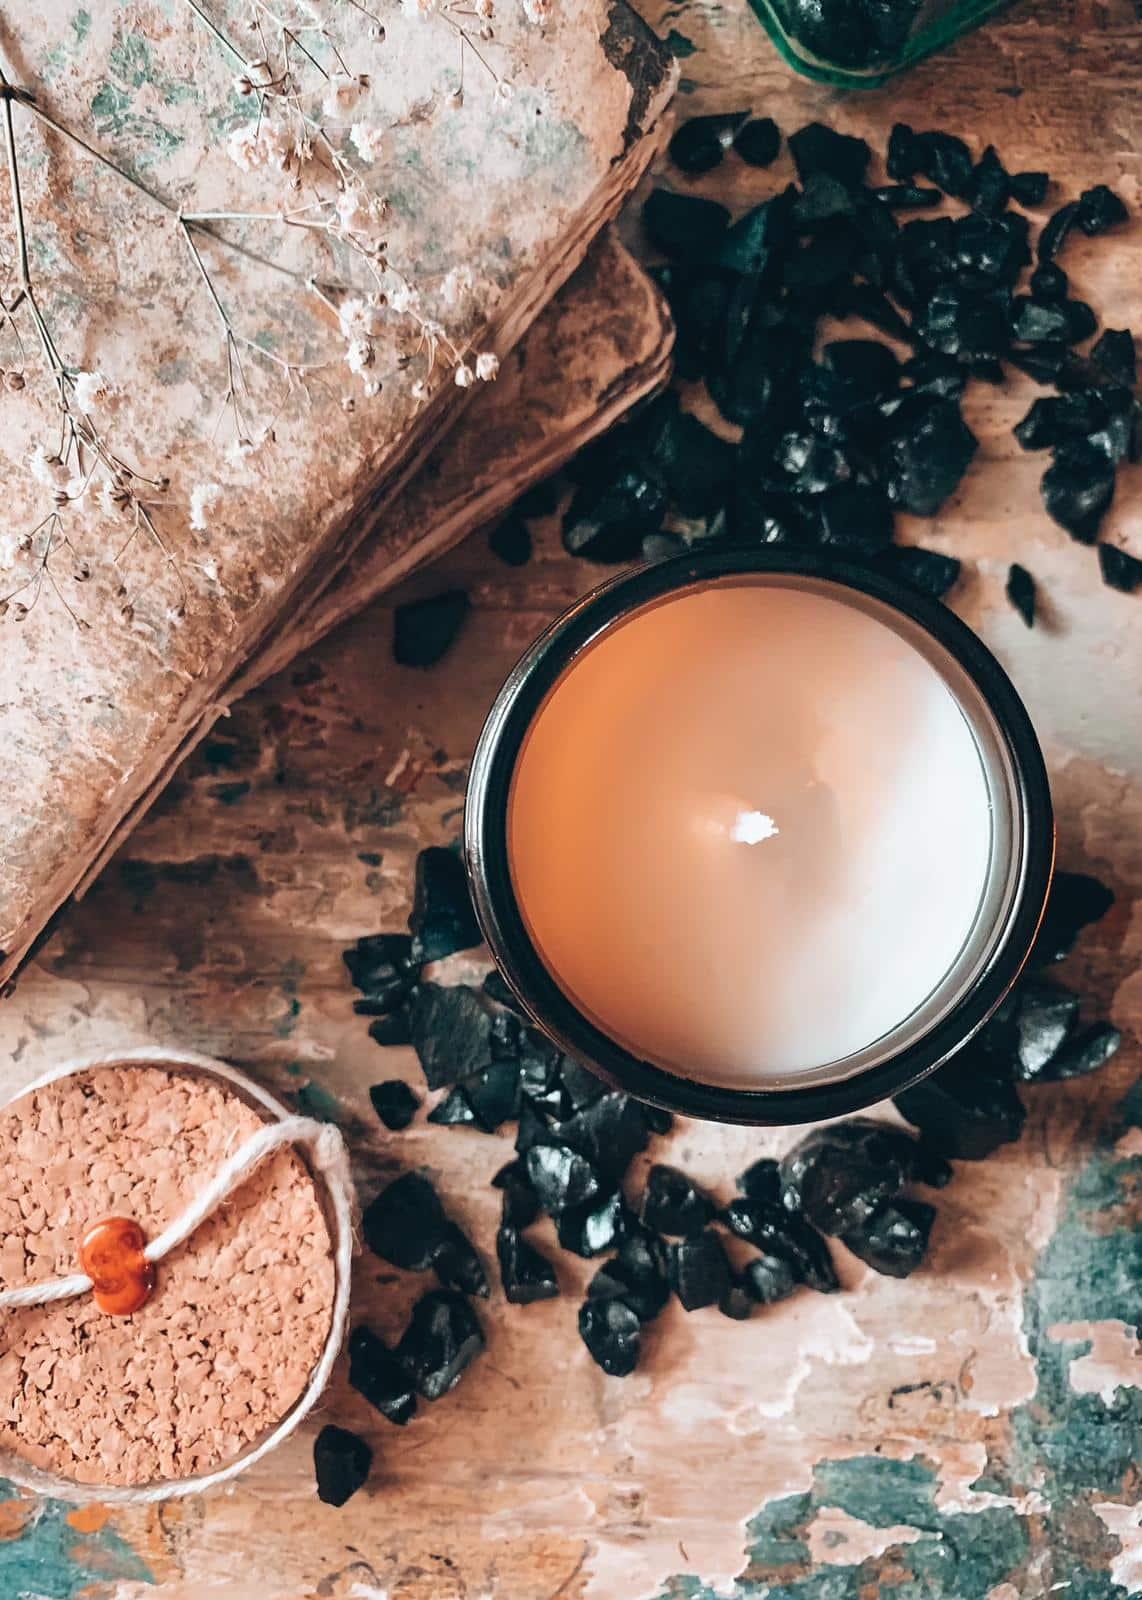 Radice di liquirizia candela per la casa profumata di soia handmade Quello Sbagliato